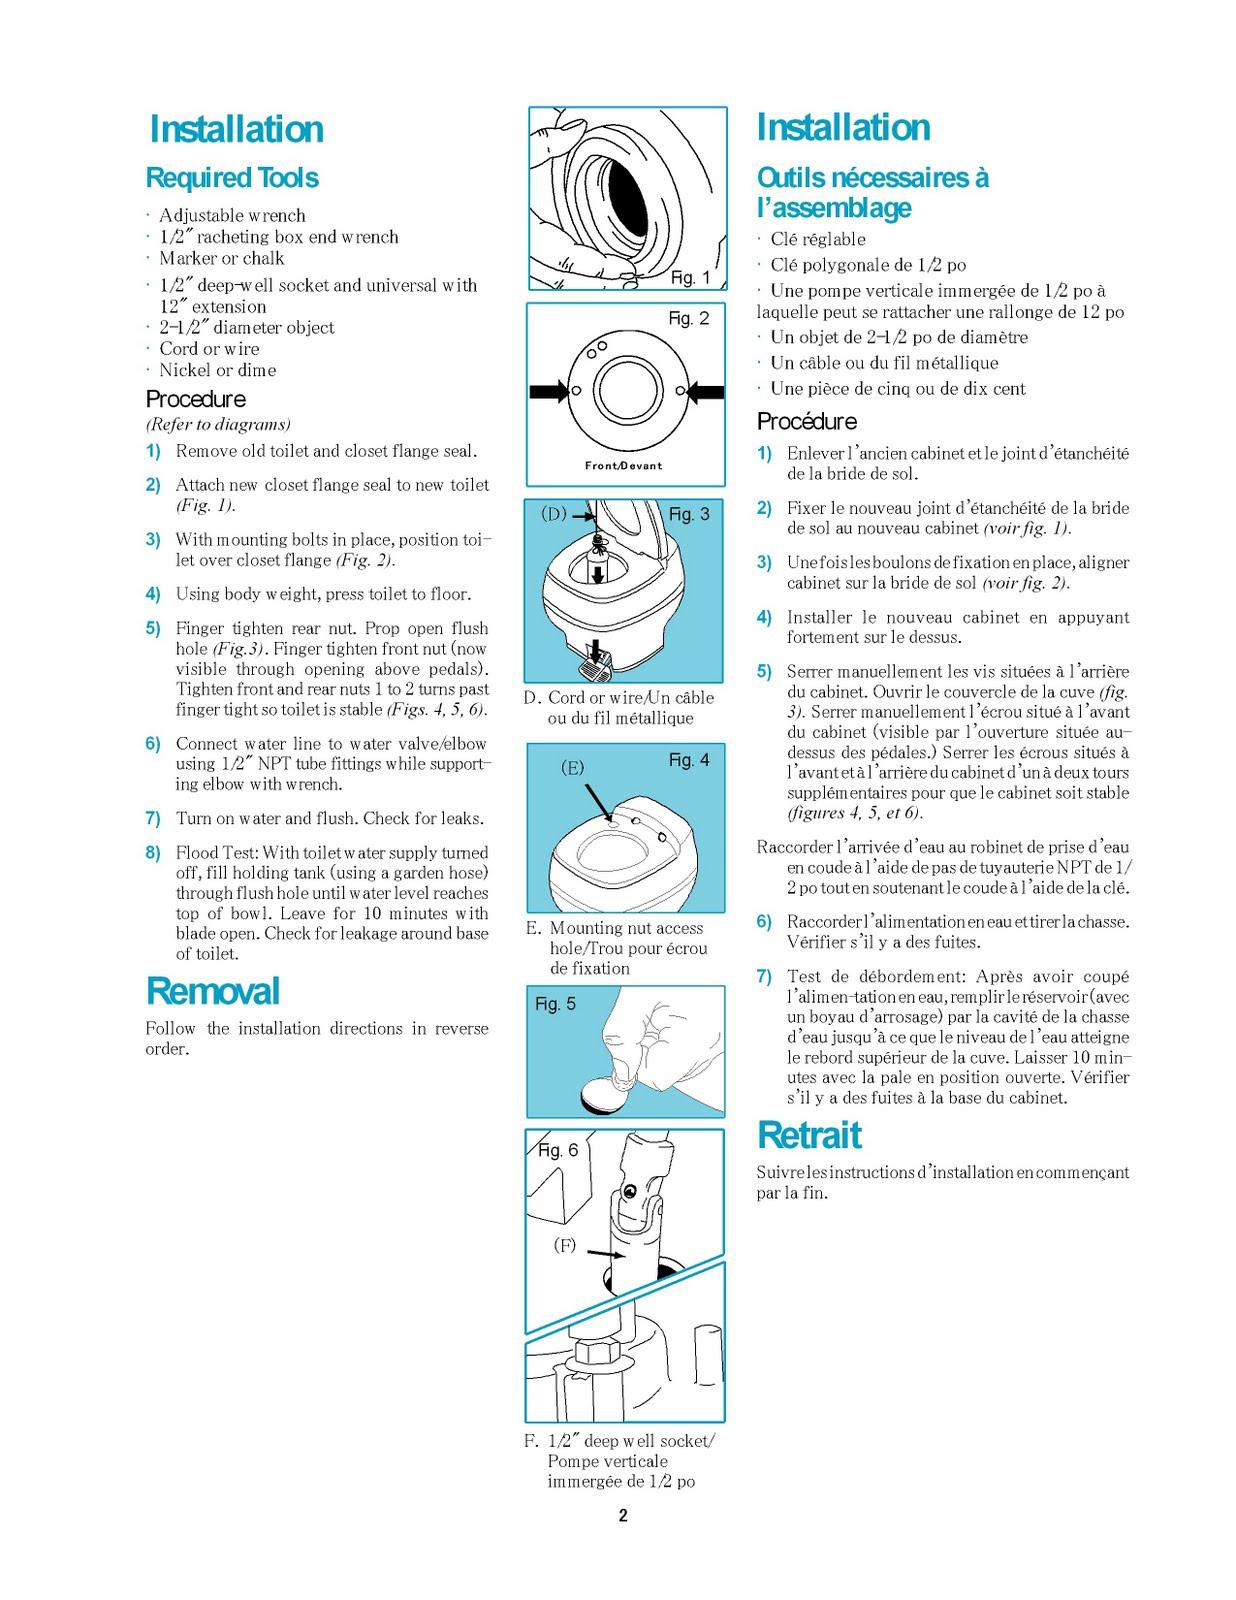 1983 Fleetwood Pace Arrow Owners Manuals: Thetford AquaMagic starliteGalaxy toilet